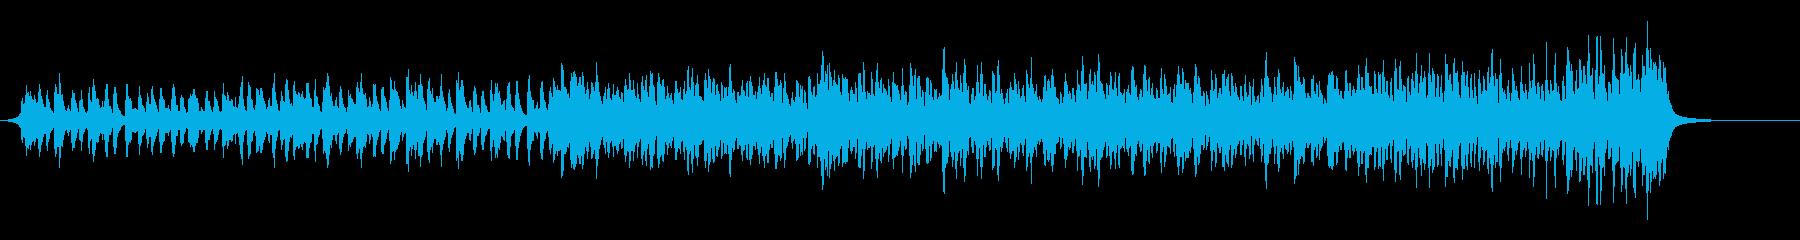 明るく前向きなピアノとストリングス曲の再生済みの波形